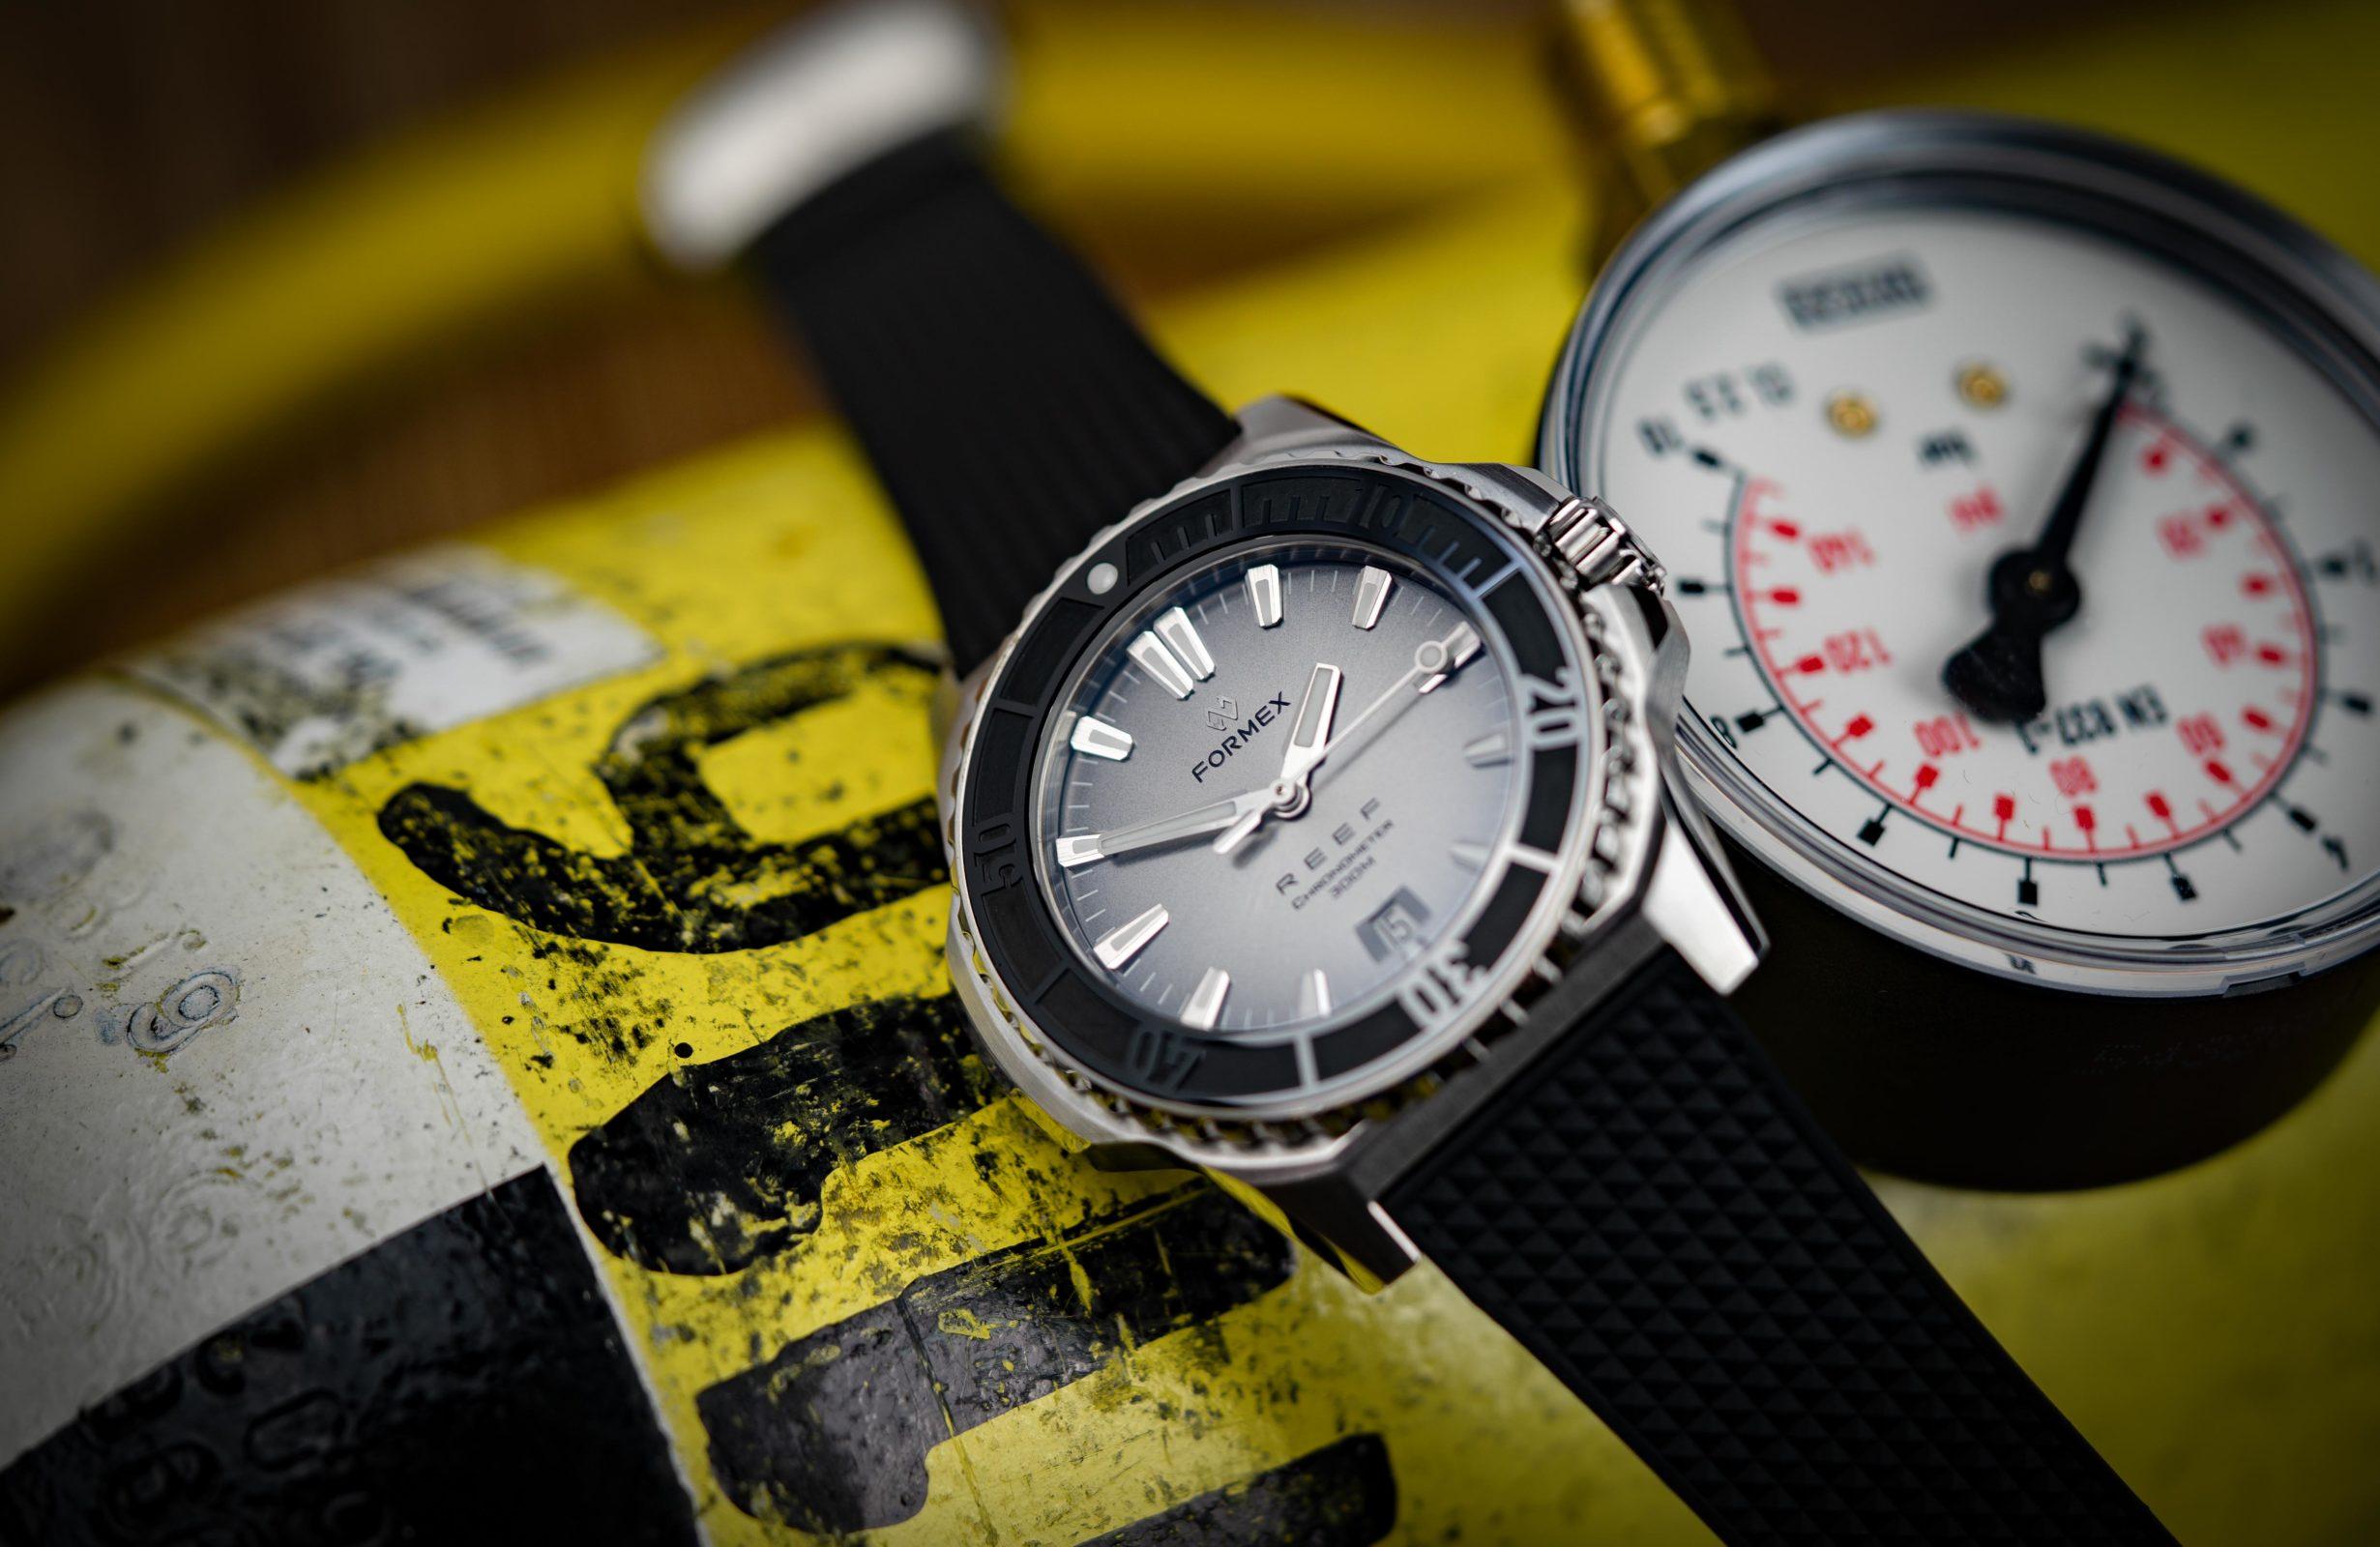 Formex-Reef-Automatik-Chronometer-300m-COSC-Diver-Test